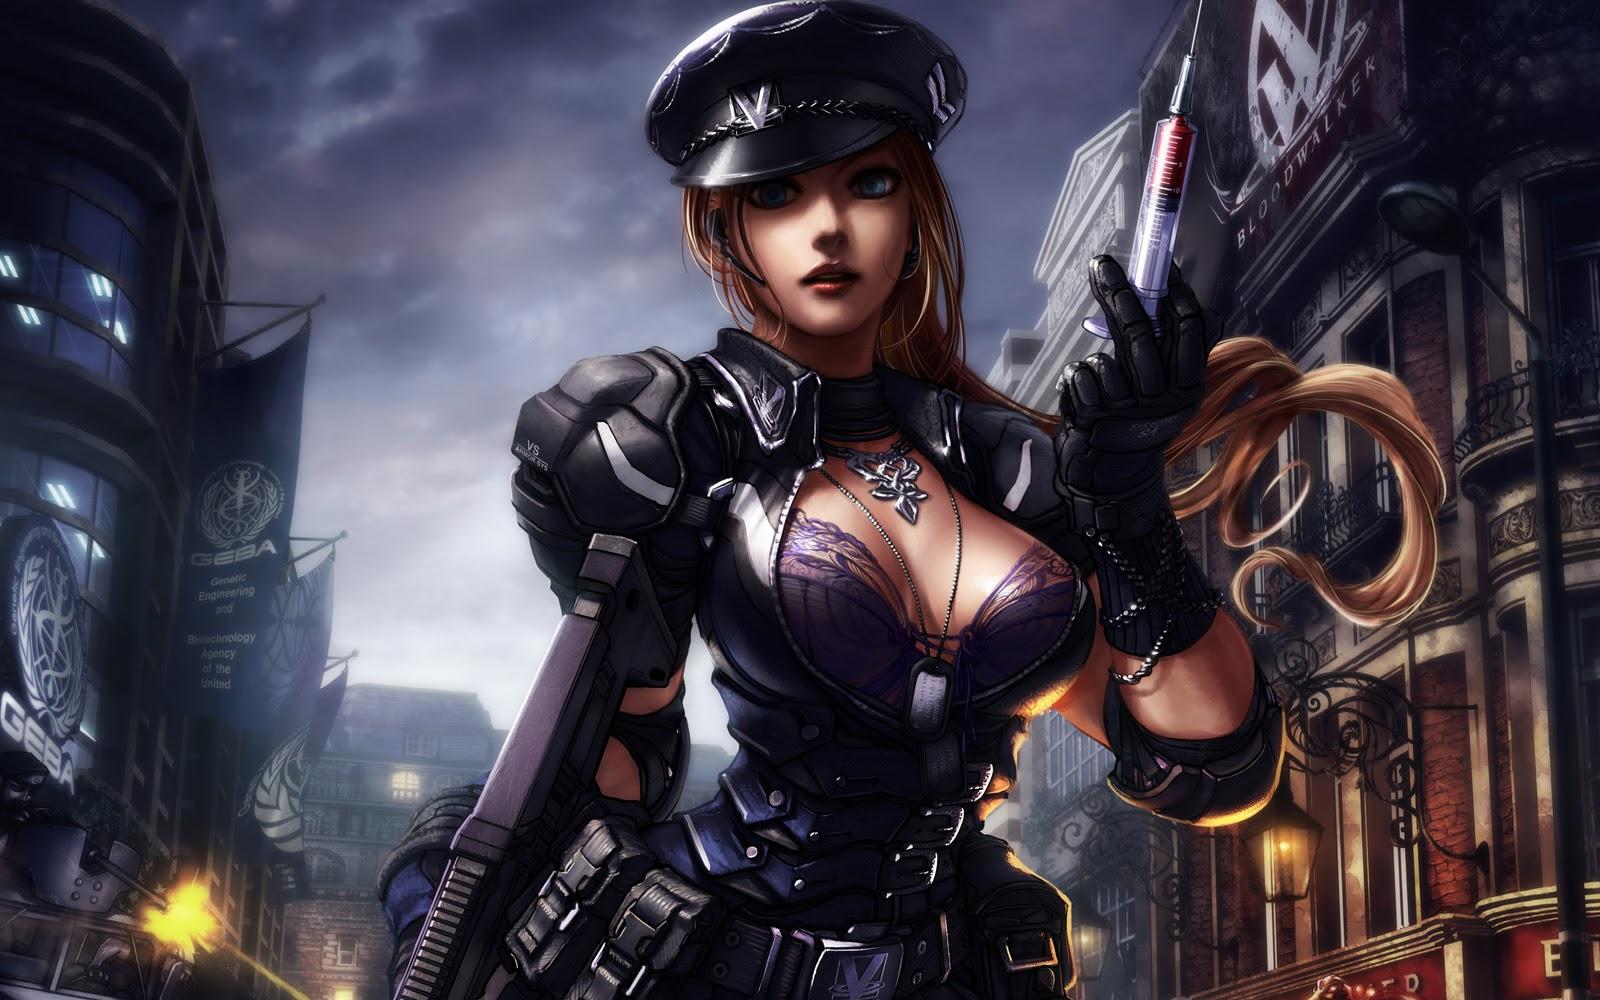 http://1.bp.blogspot.com/-_lzOzHV3QiI/TpXpf8z3AMI/AAAAAAAAEac/WnAk9EOILEM/s1600/zombie_online_game-wide.jpg